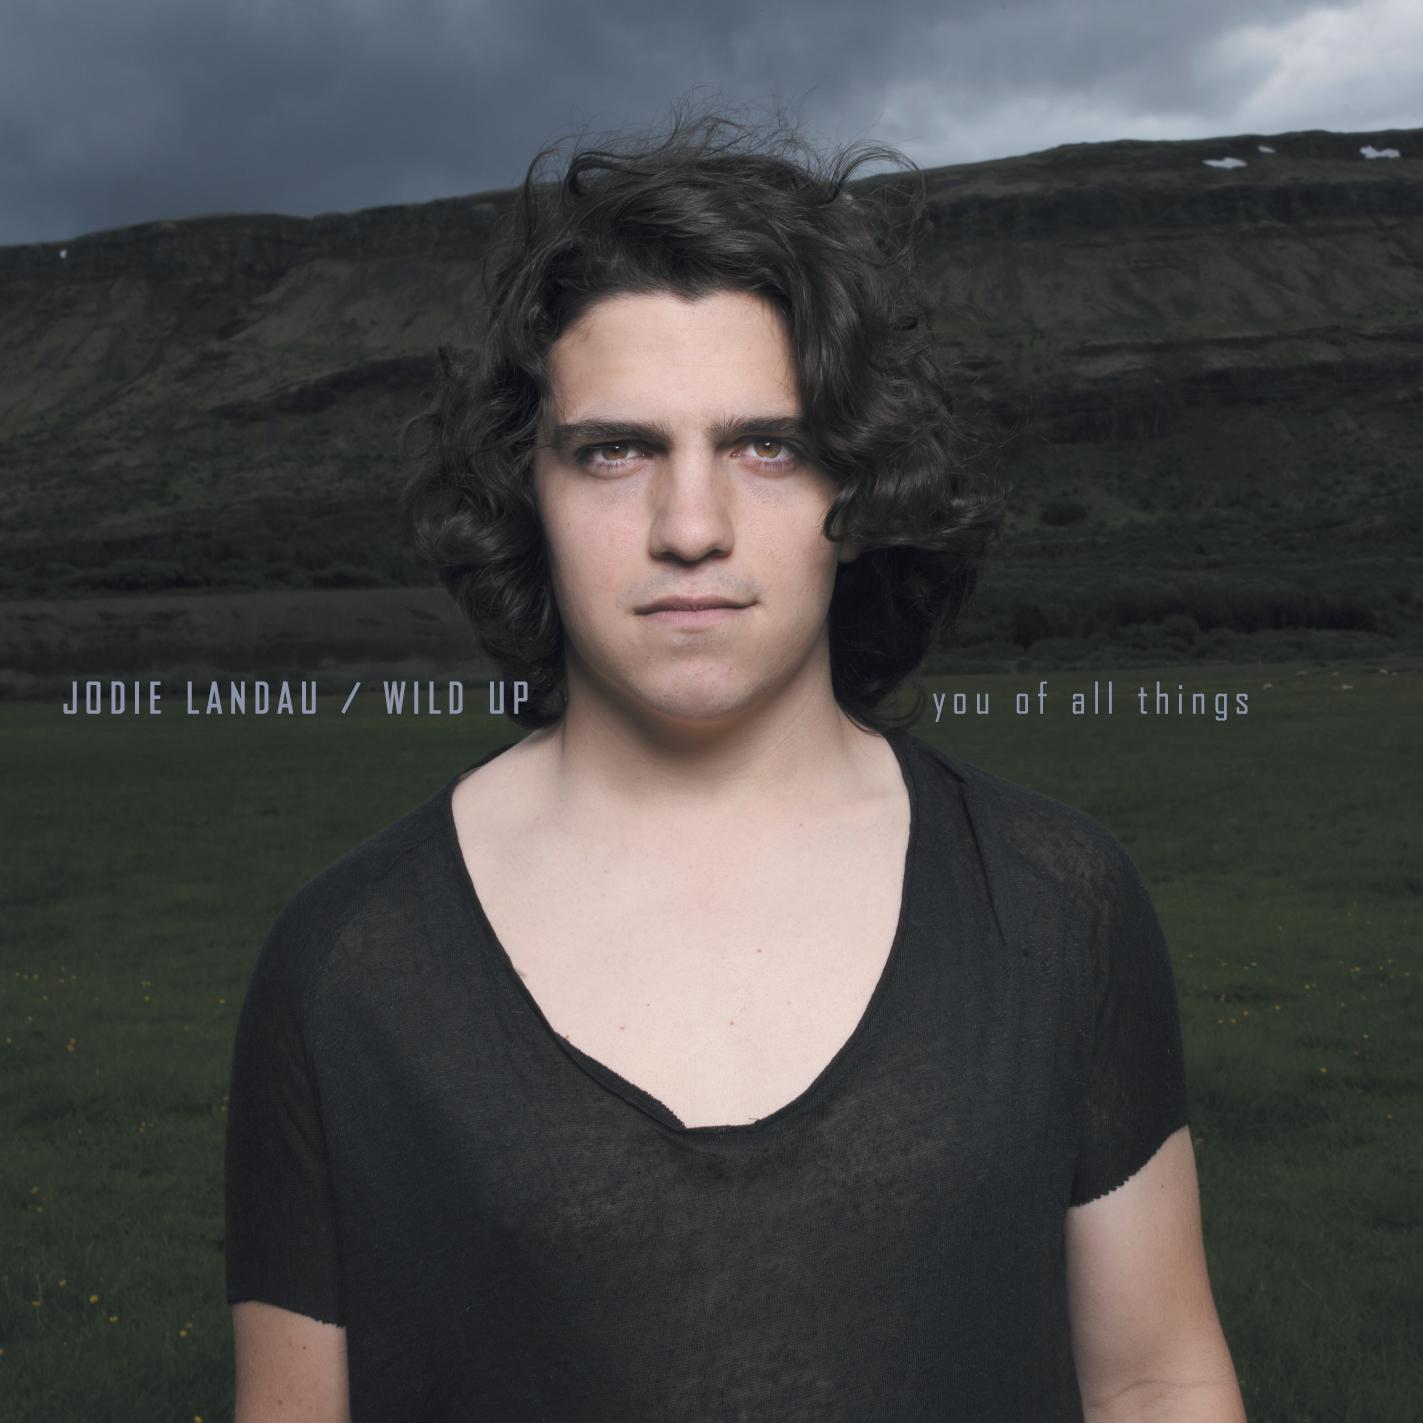 JODIE LANDAU | WILD UP YOU OF ALL THINGS - CD/DIGITAL